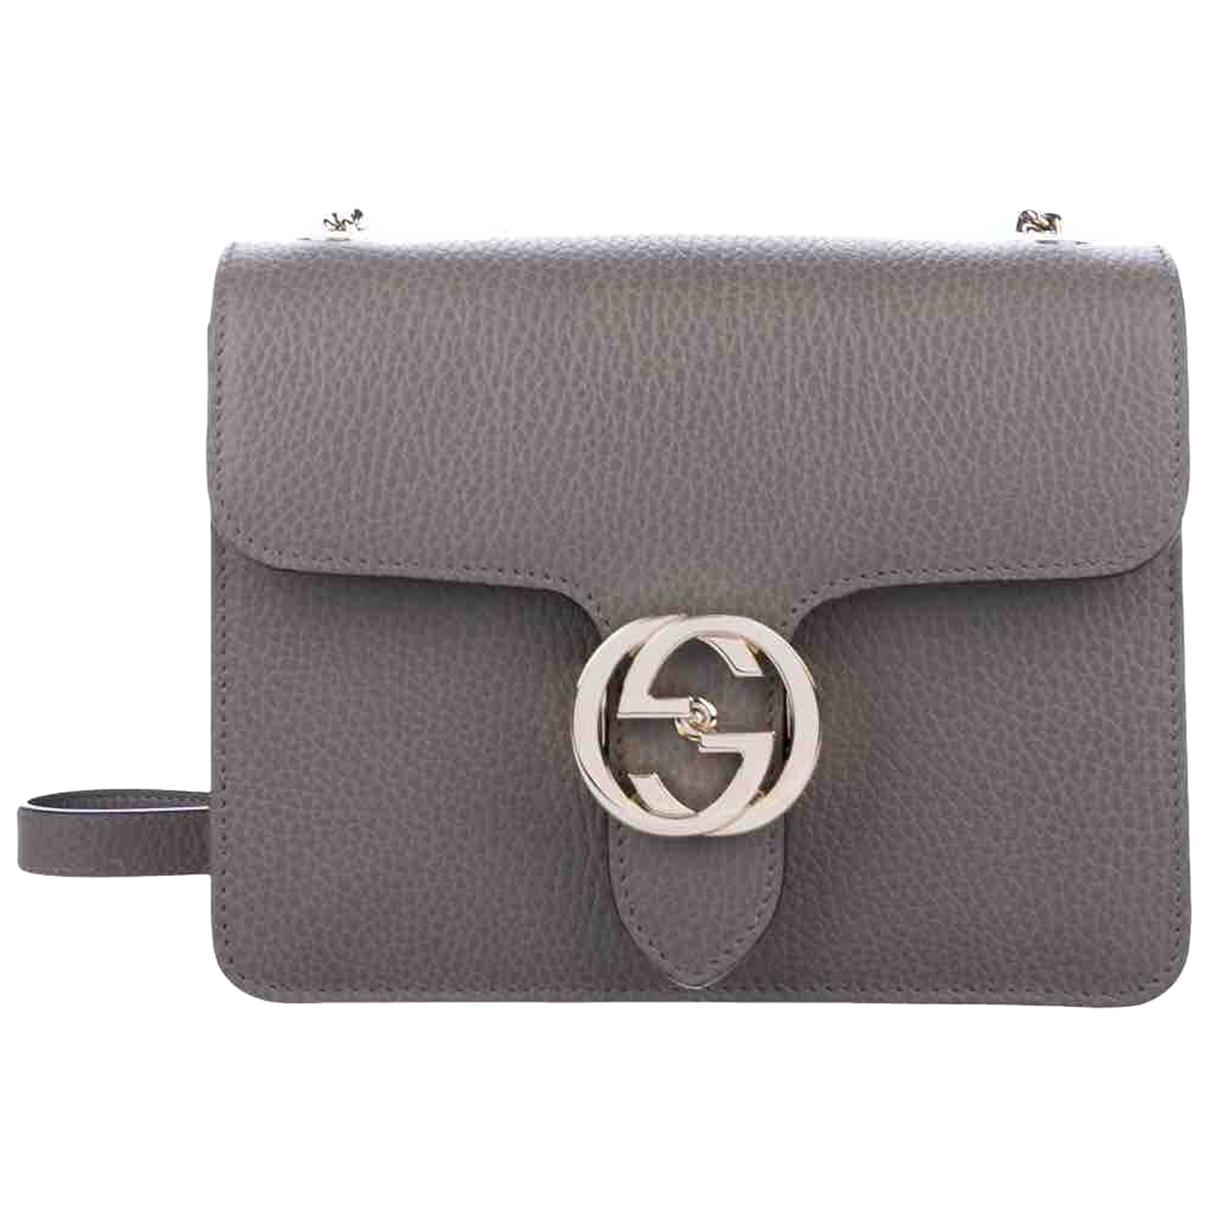 Gucci - Sac a main Interlocking pour femme en cuir - gris